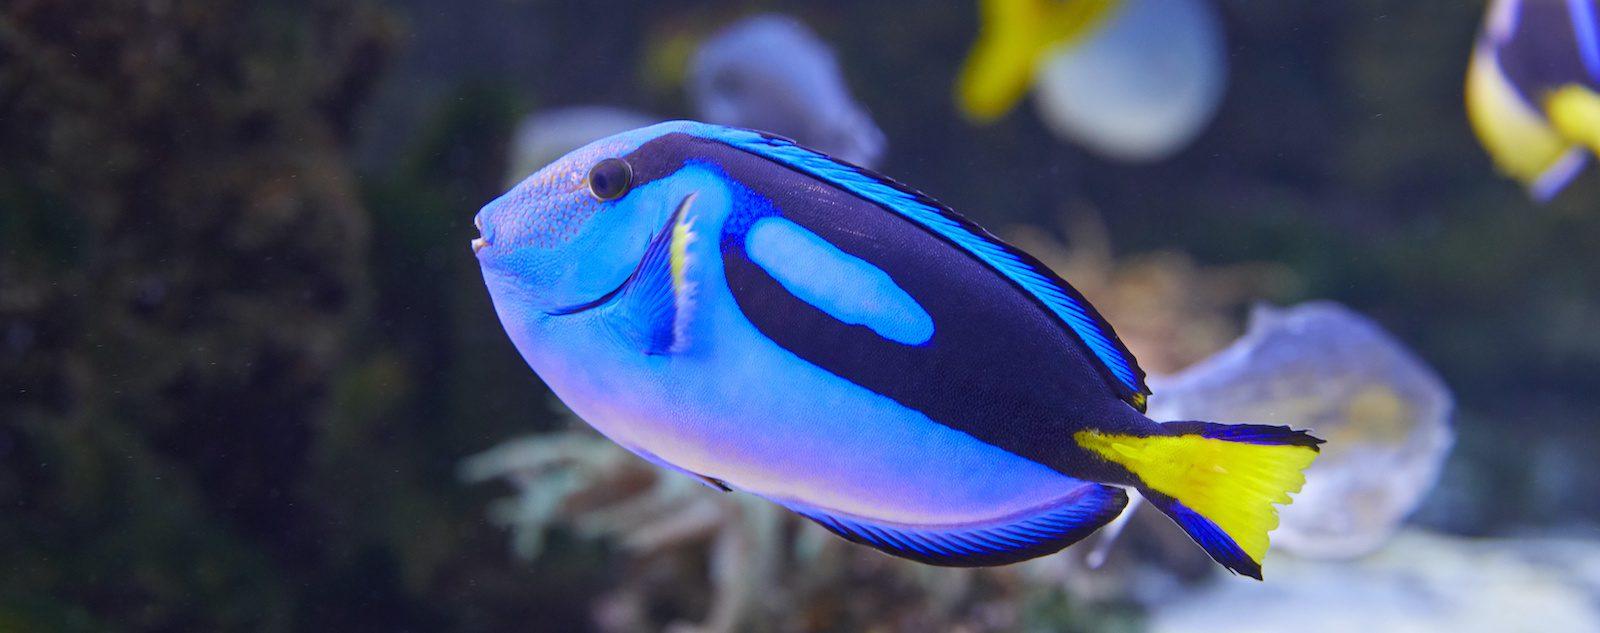 Der blaue Fisch